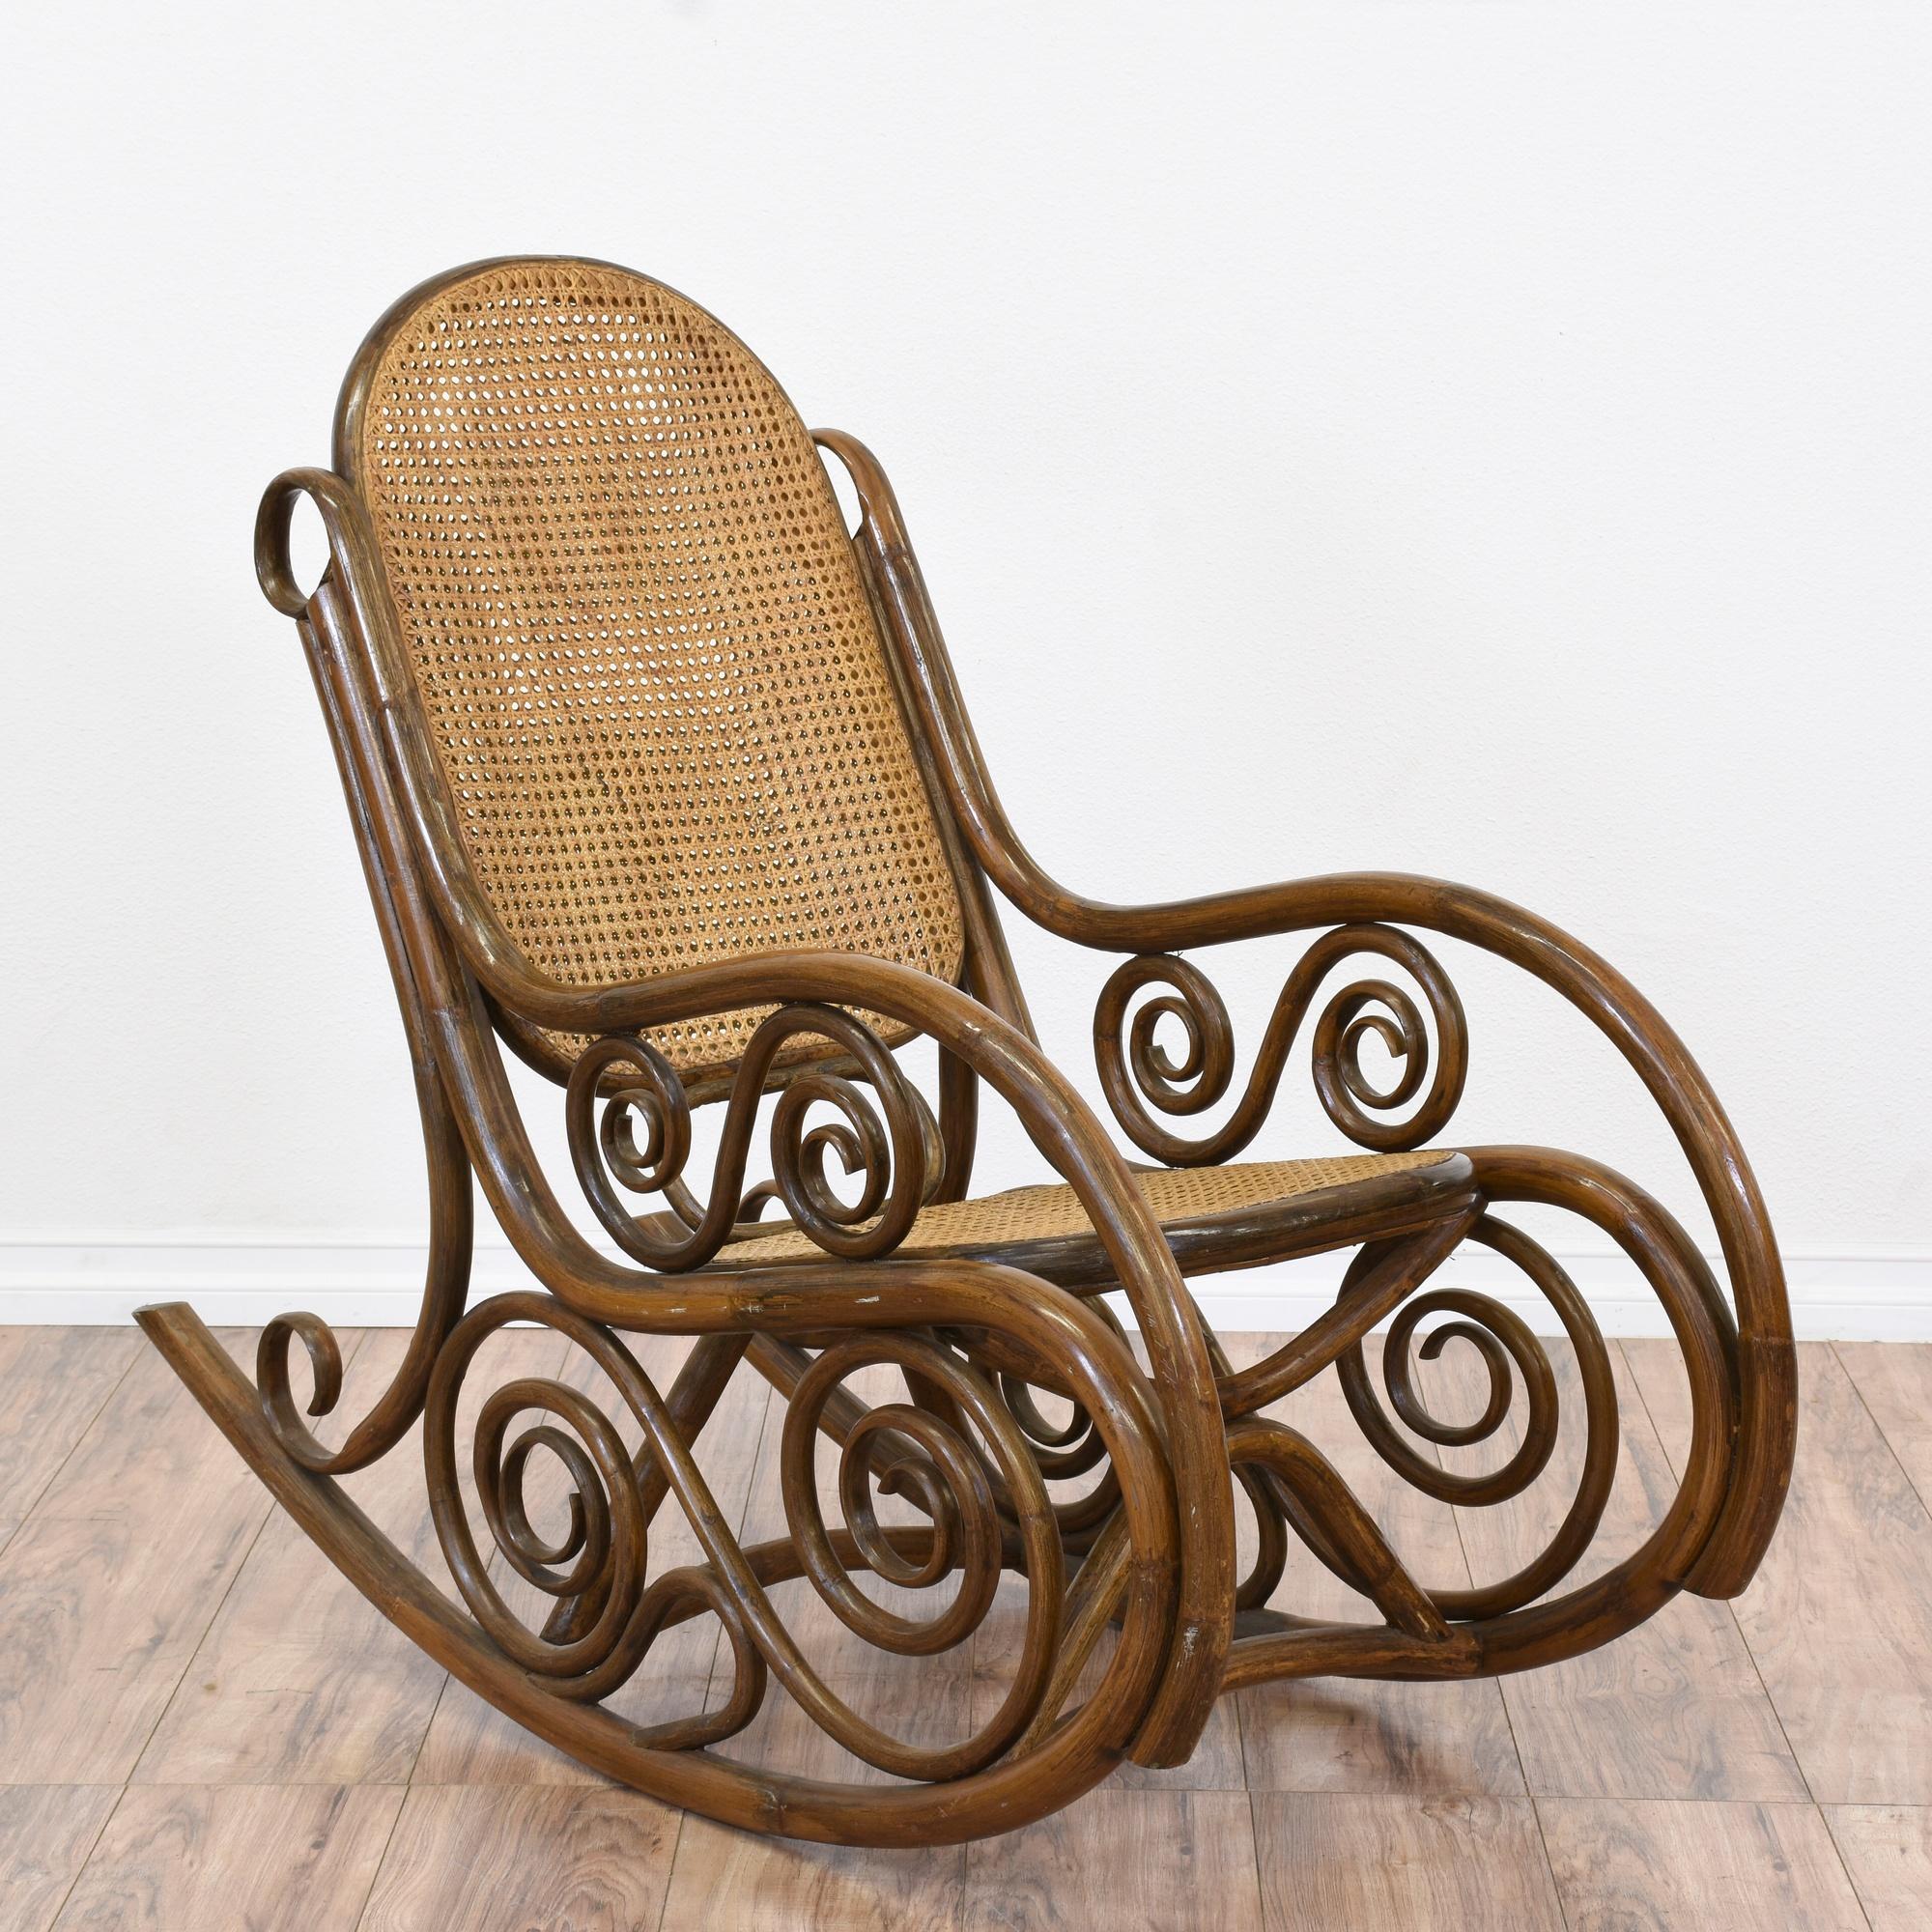 Art Nouveau Thonet Inspired Bentwood Rocker Loveseat